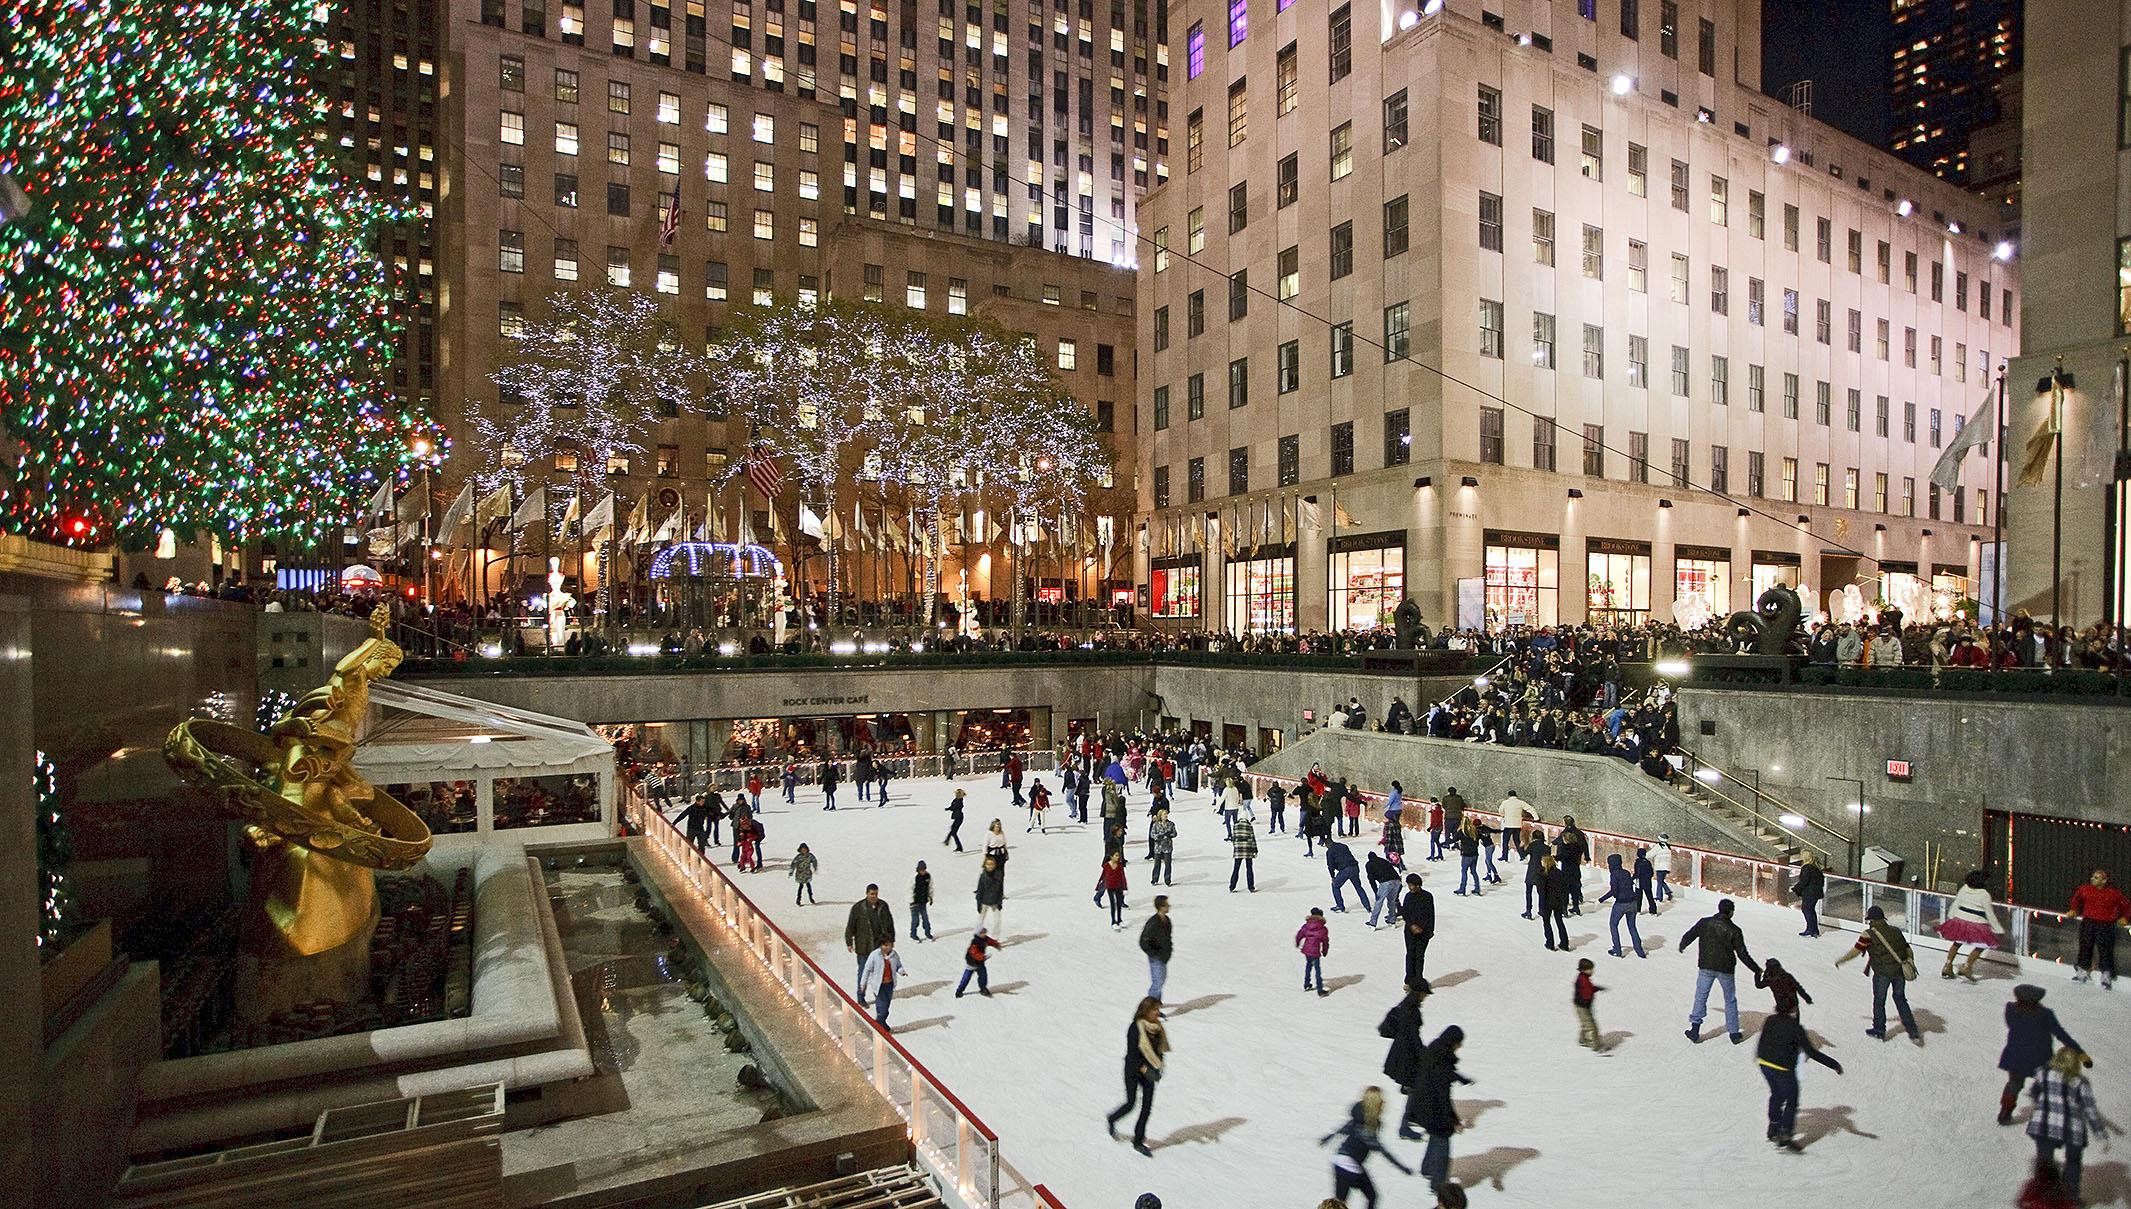 Natale a New York City: i 18 eventi da non perdere